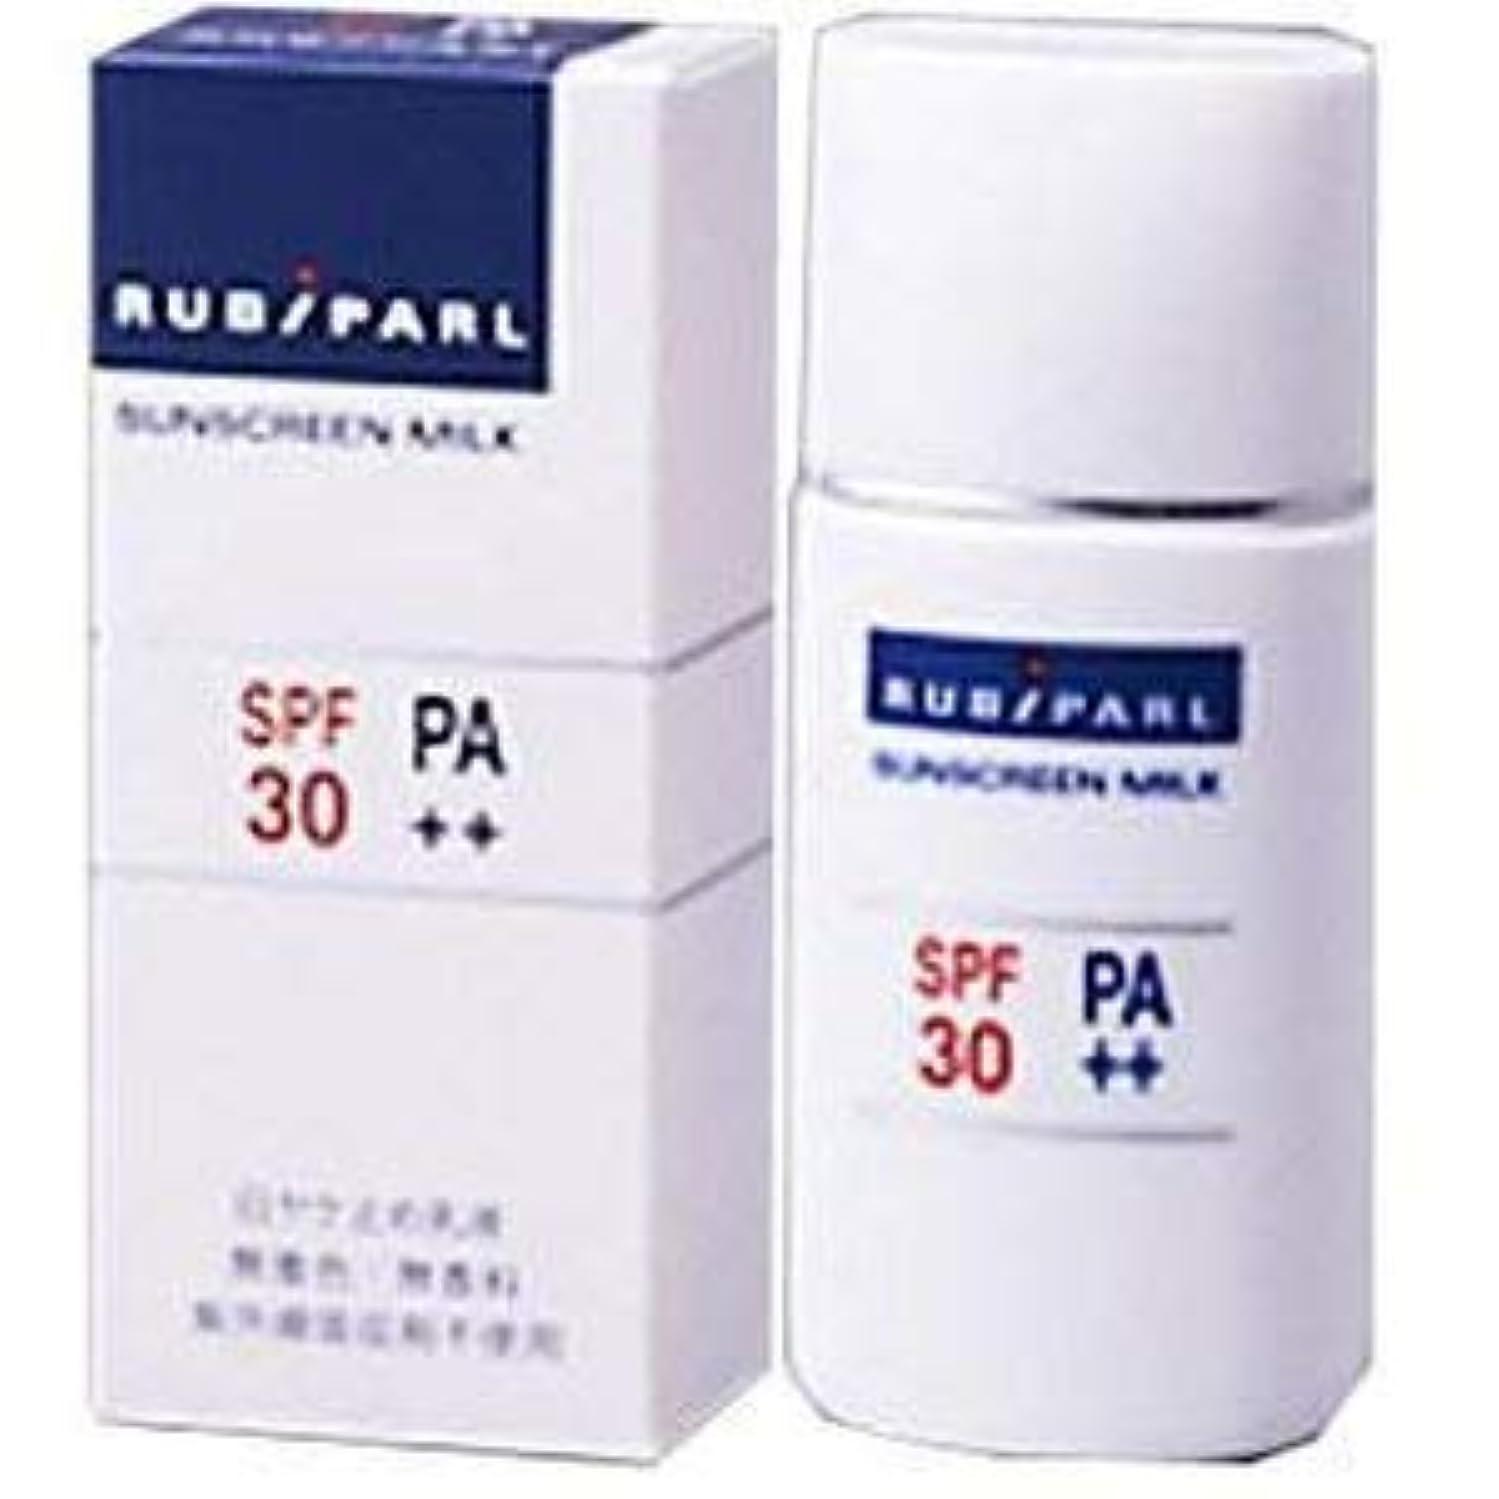 【2個】ルビパール サンスクリーンミルク 日ヤケ止め乳液 SPF30 PA++ 30mL (4987047171756-2)